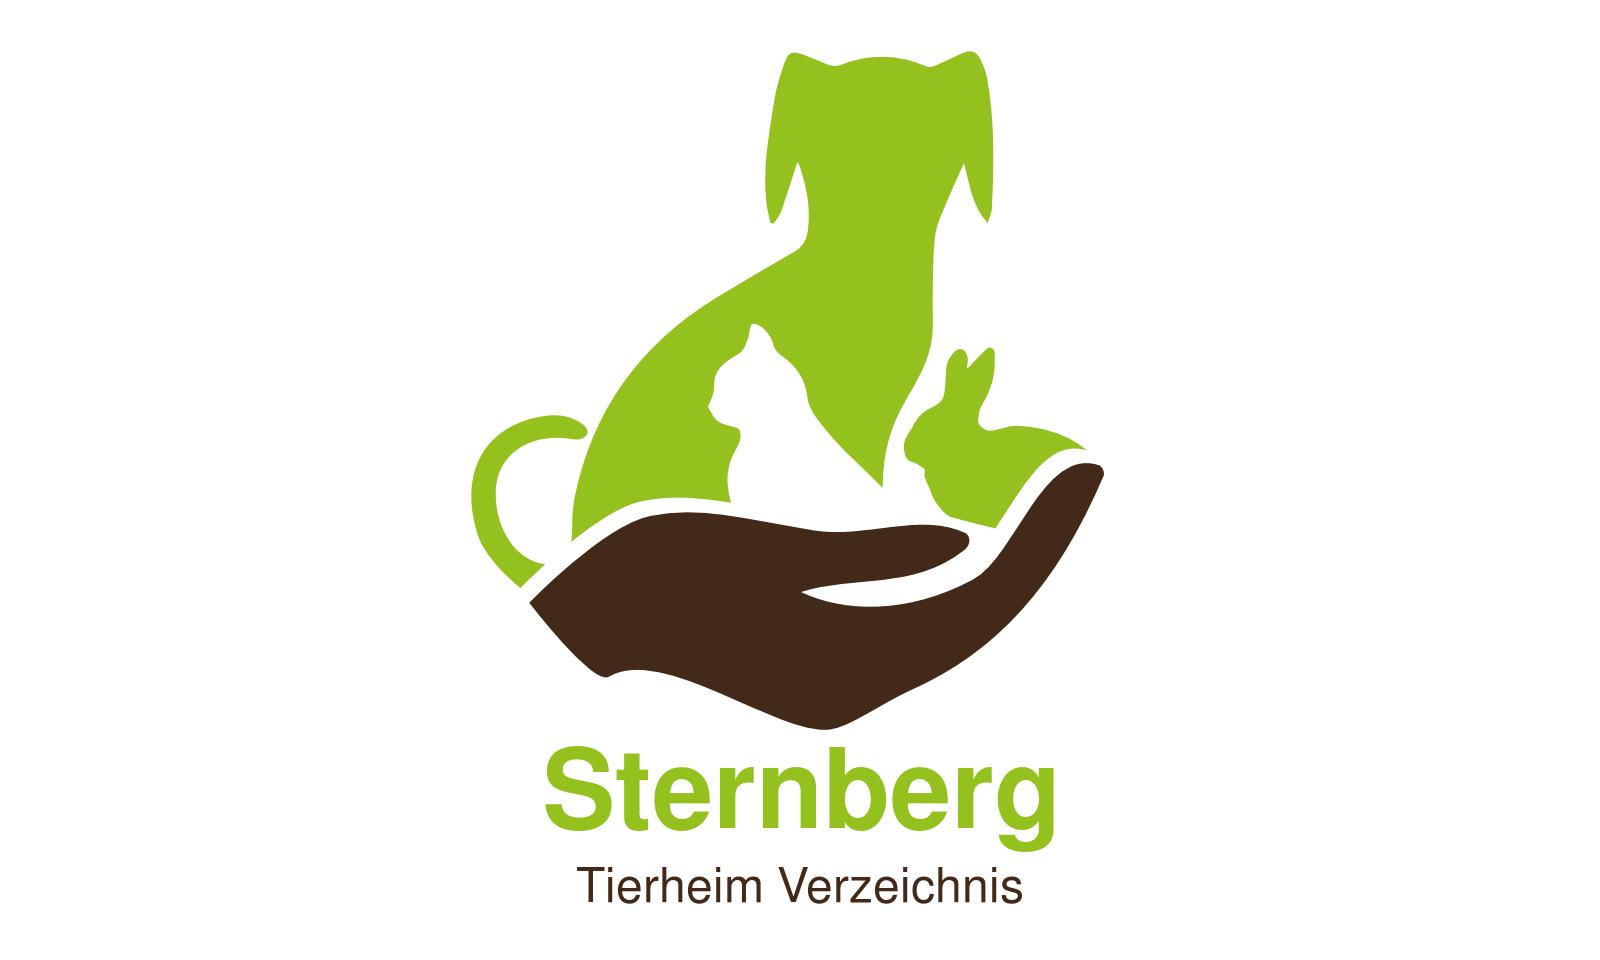 Tierheim Sternberg